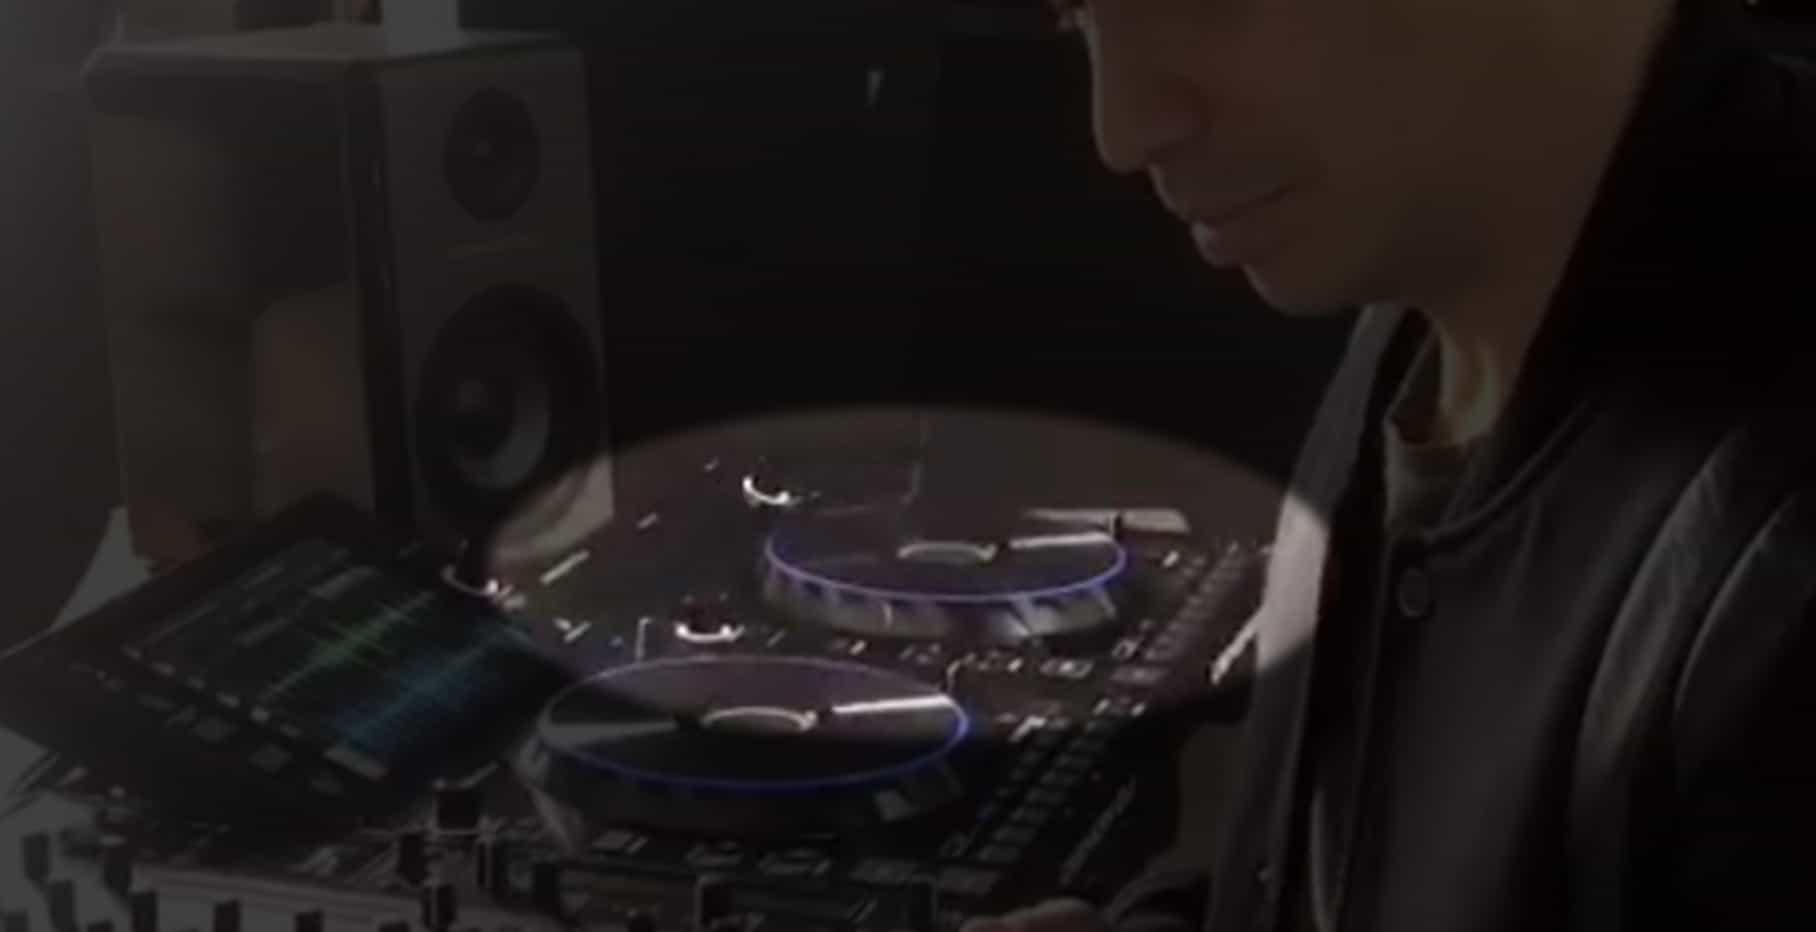 Denon DJ acaba de filtrar su nuevo controlador / reproductor multimedia sin pantalla: ¿SC1000? 8